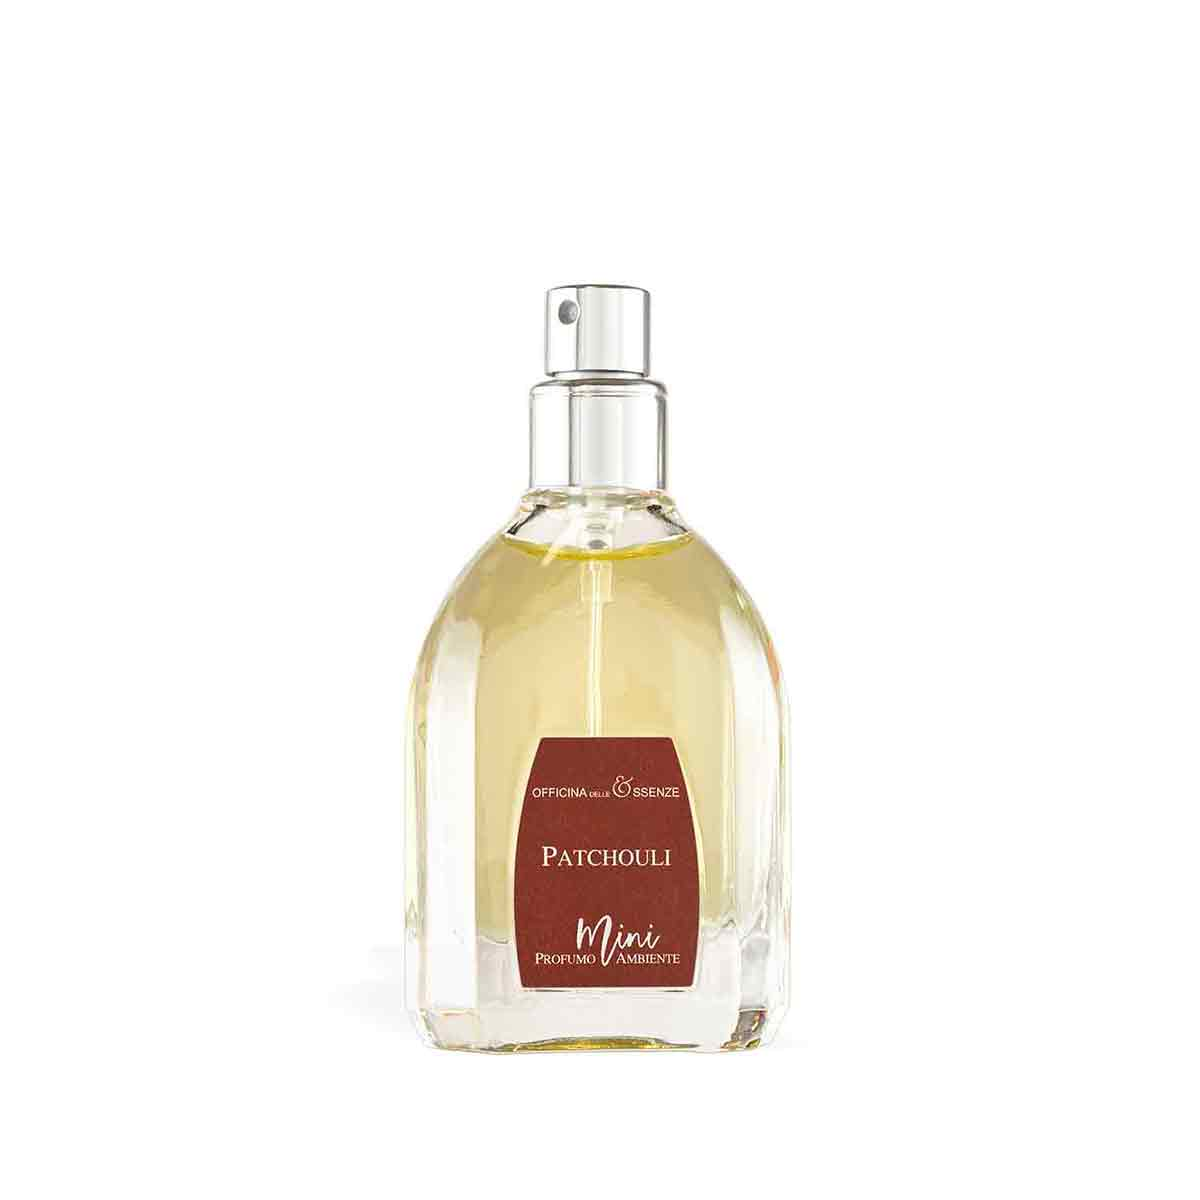 Mini profumo ambiente Patchouli da 25 ml